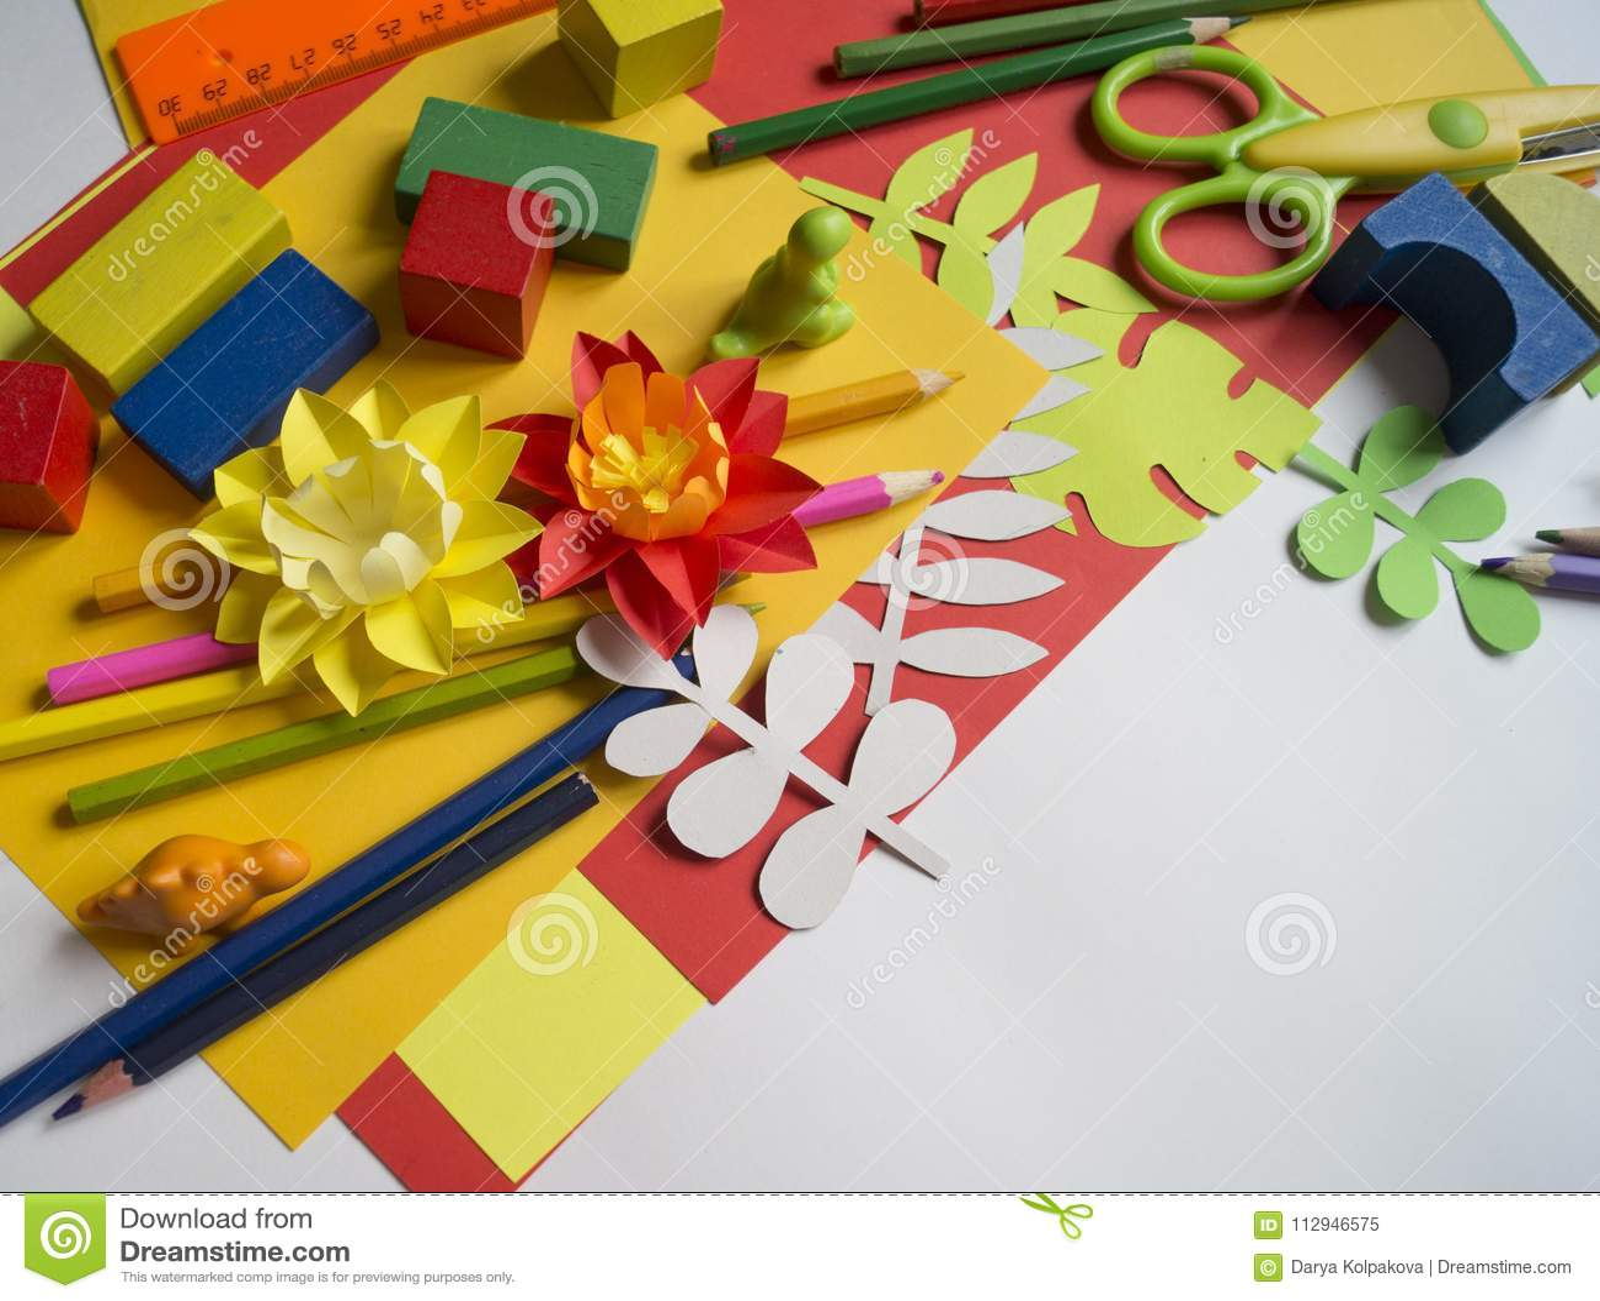 Girl Draws Children S Creativity Favorite Hobby For Children